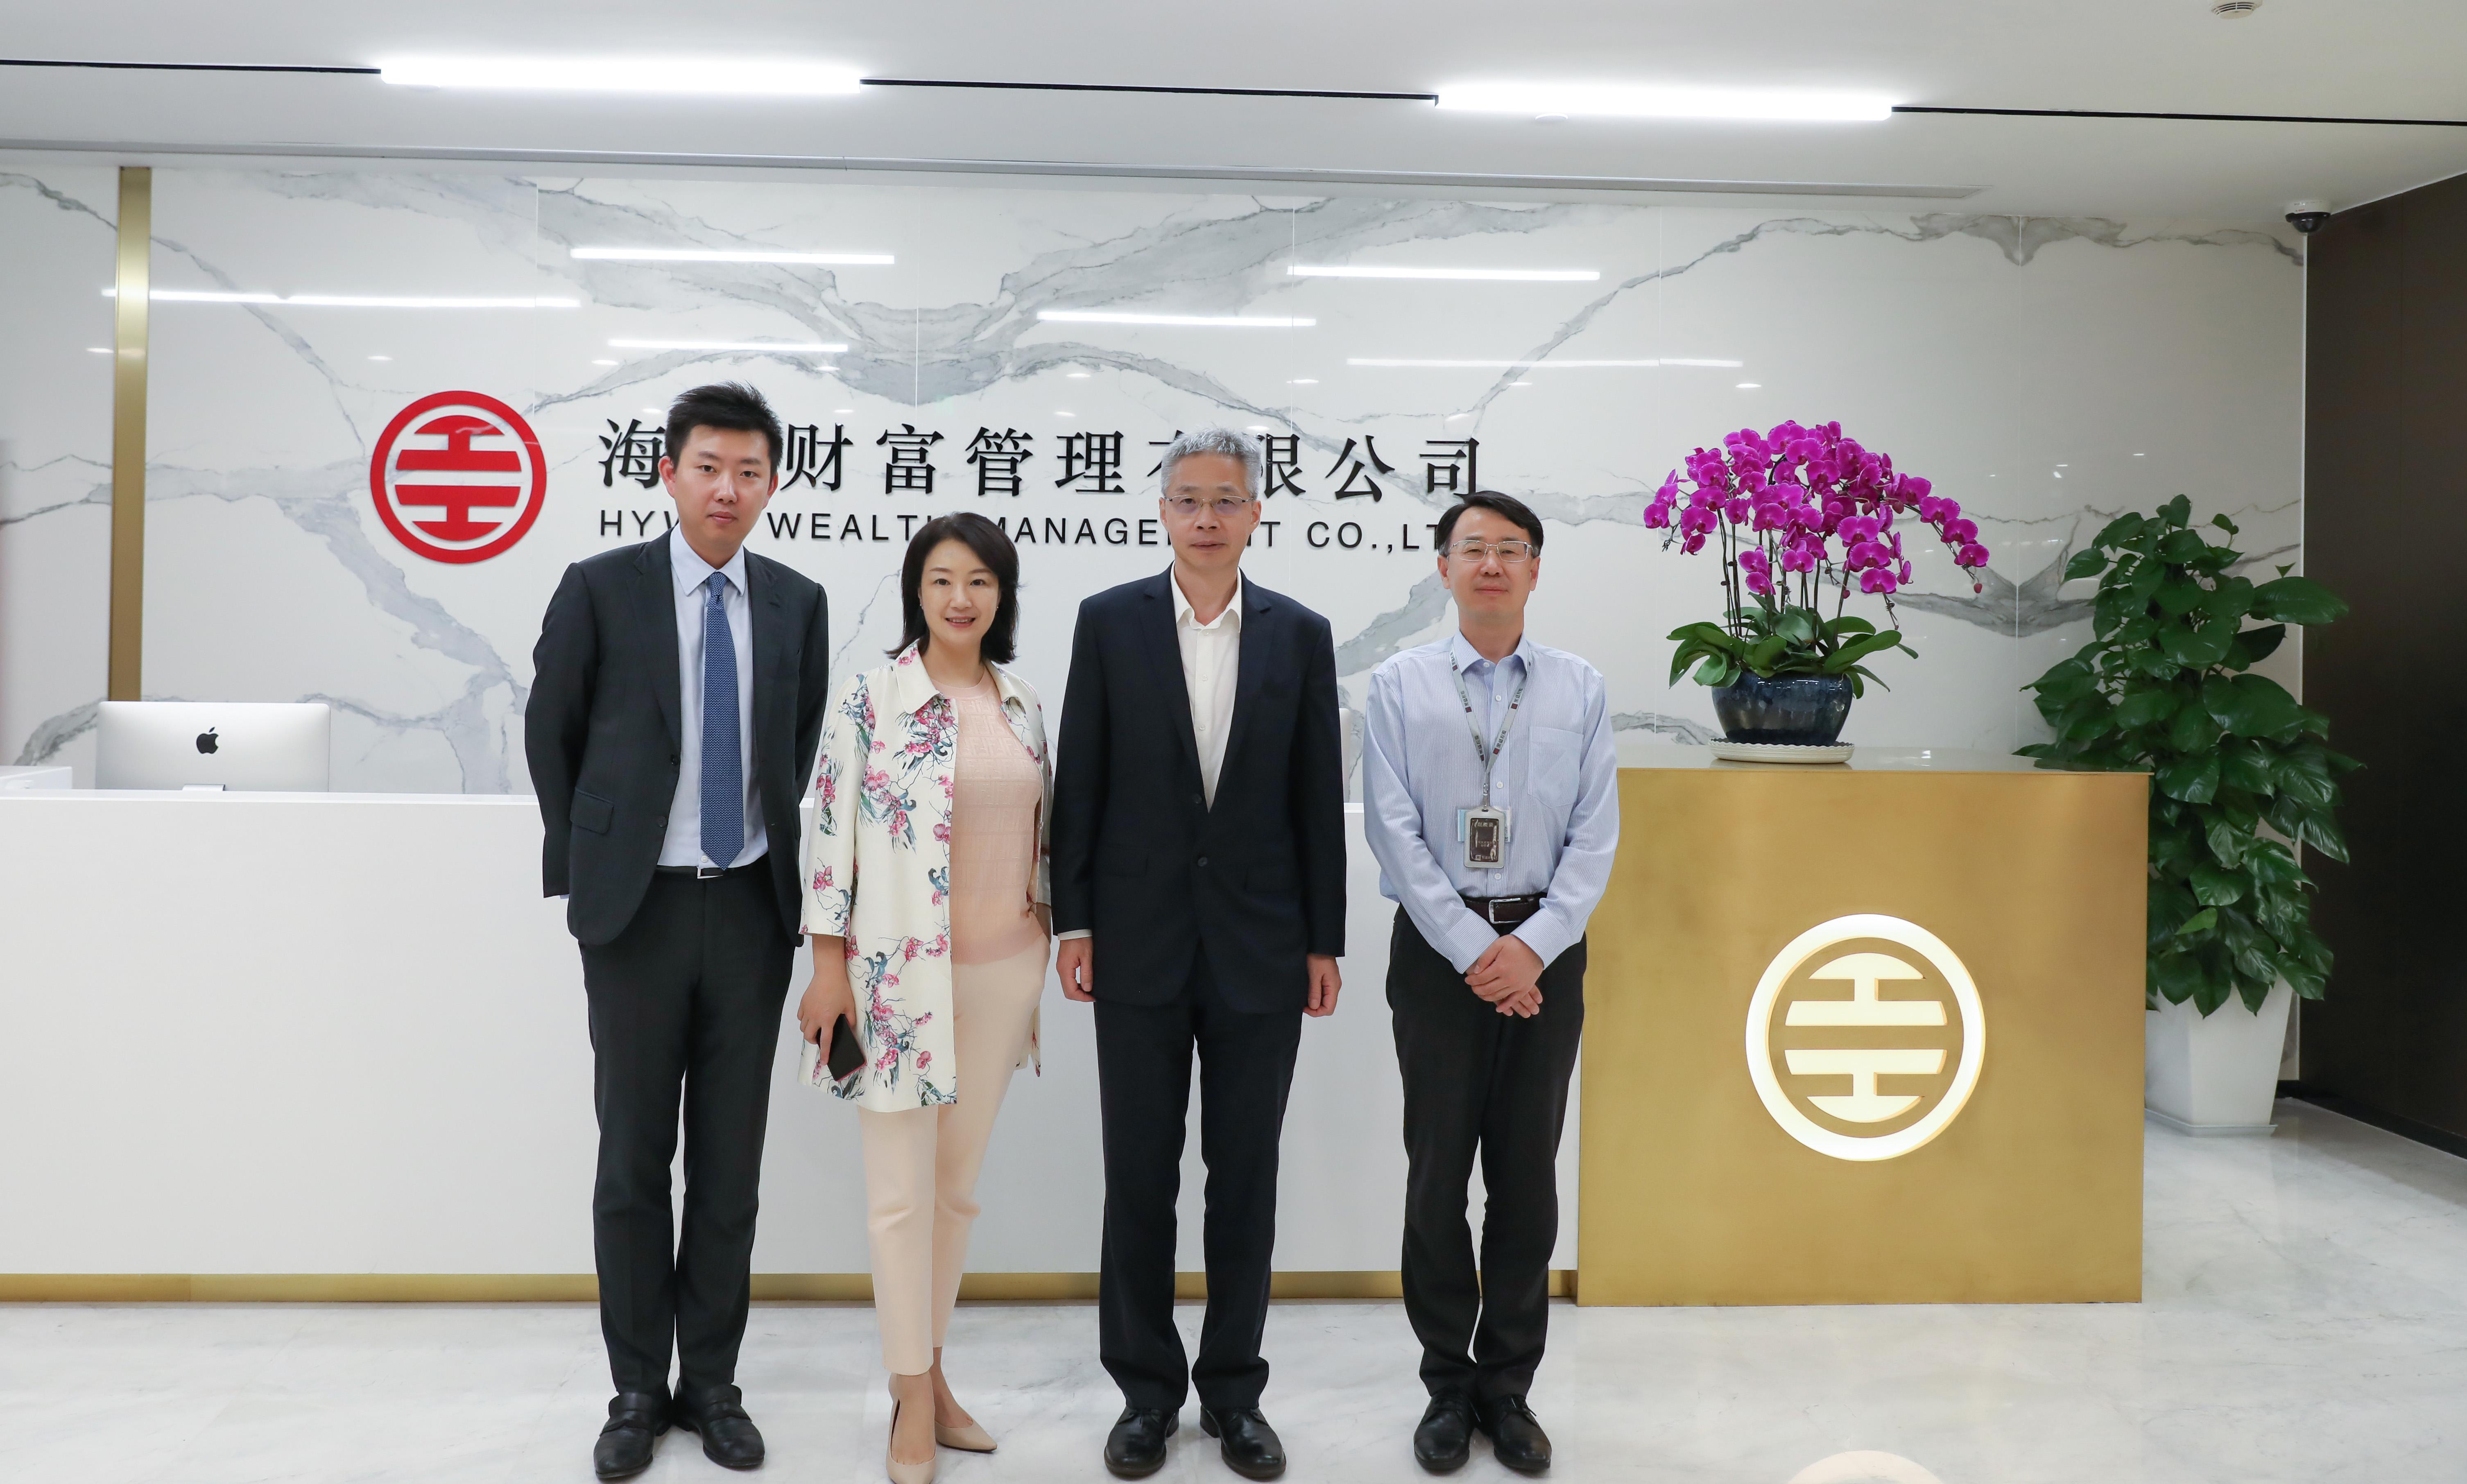 中国首席经济学家论坛副理事长李迅雷莅临海银财富参观交流